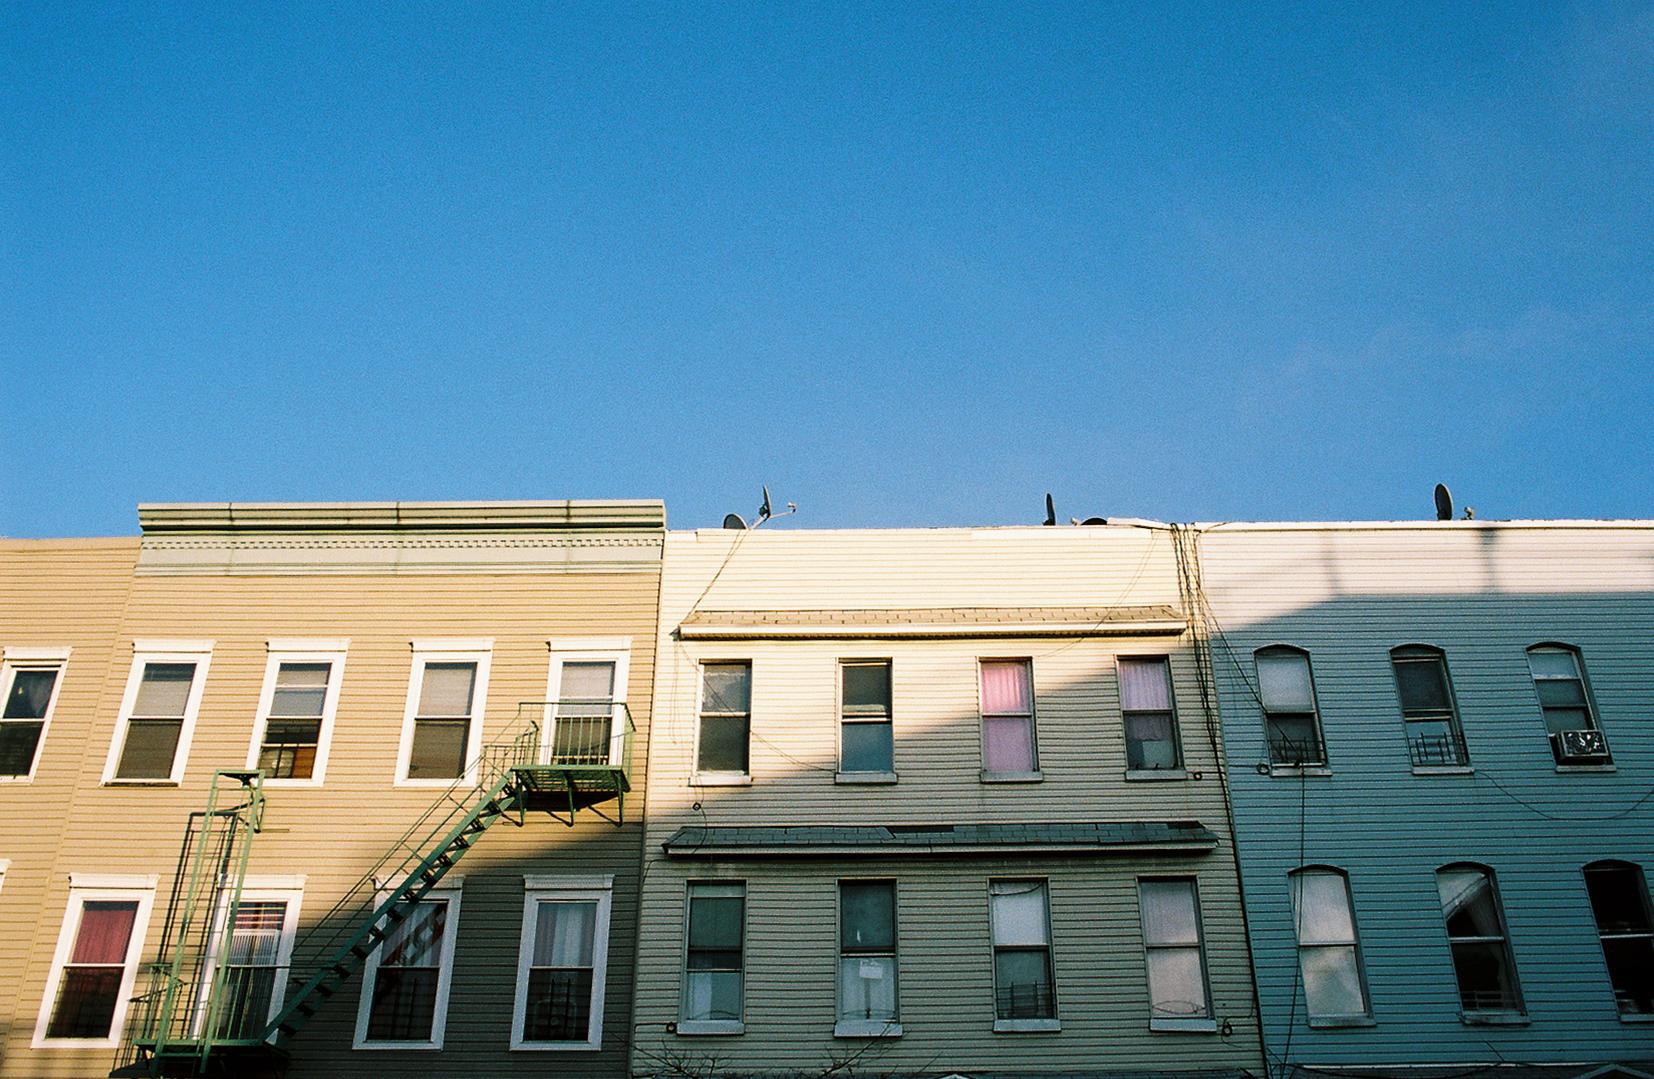 brooklyn houses.jpg